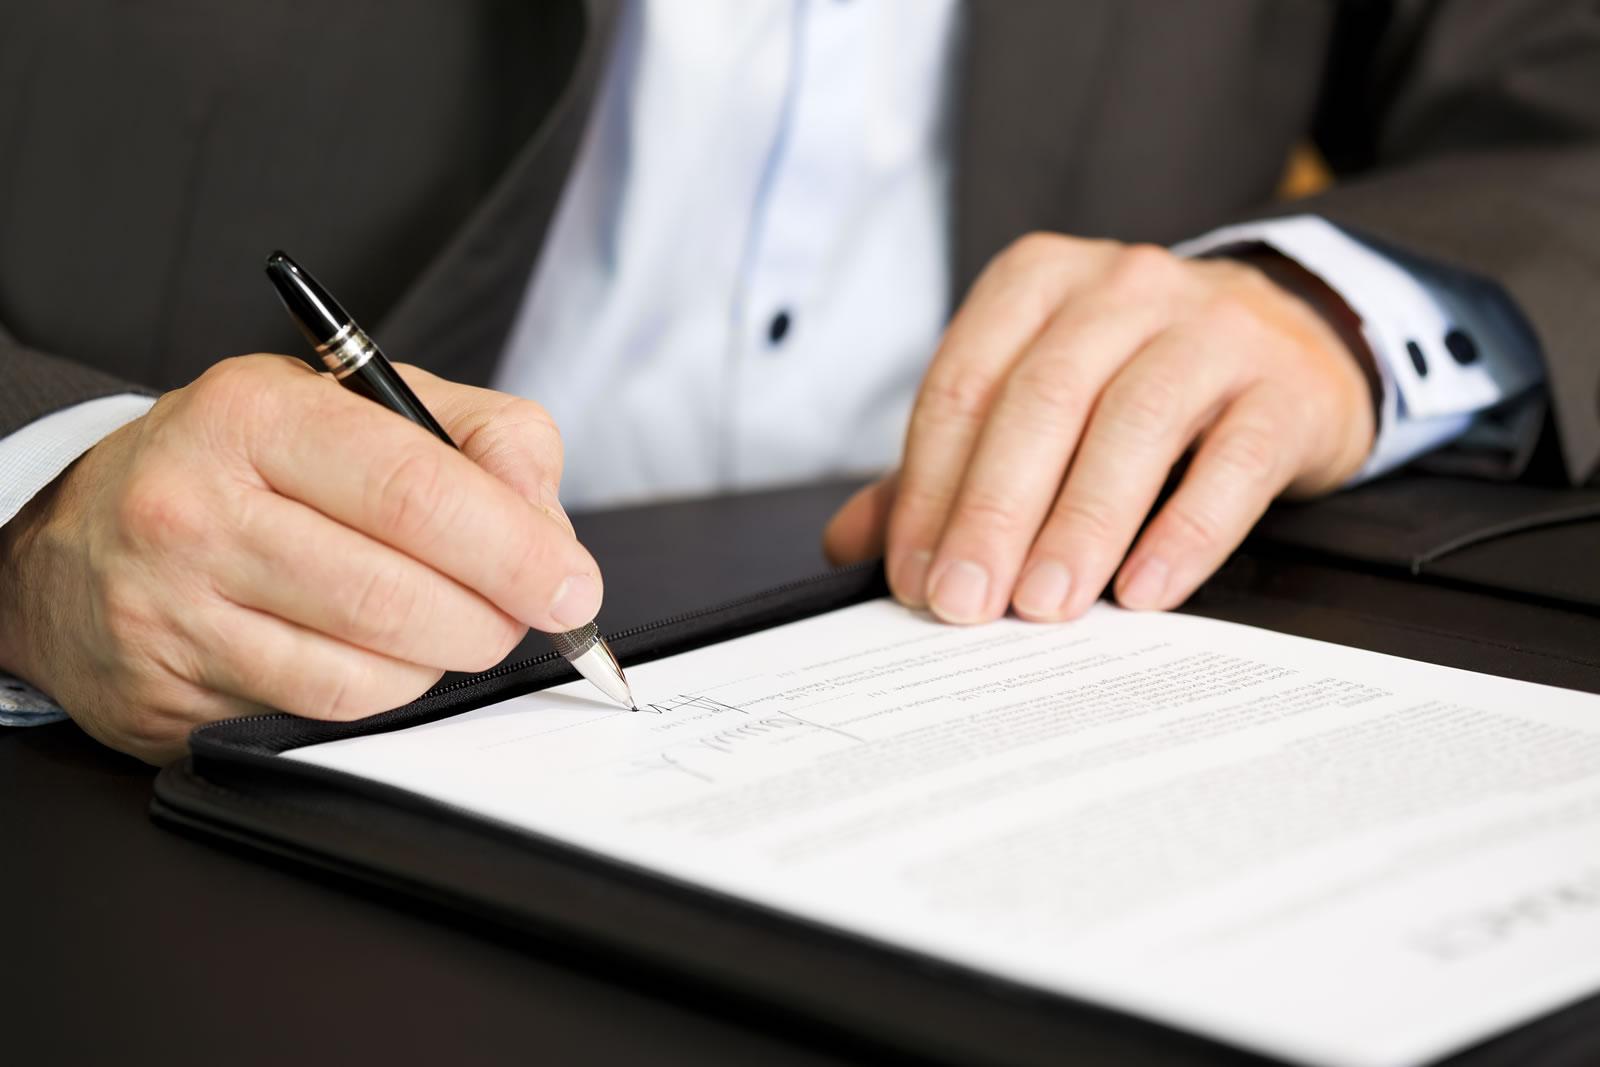 Оспаривание действительности Договора Займа в виде расписки между физическими лицами